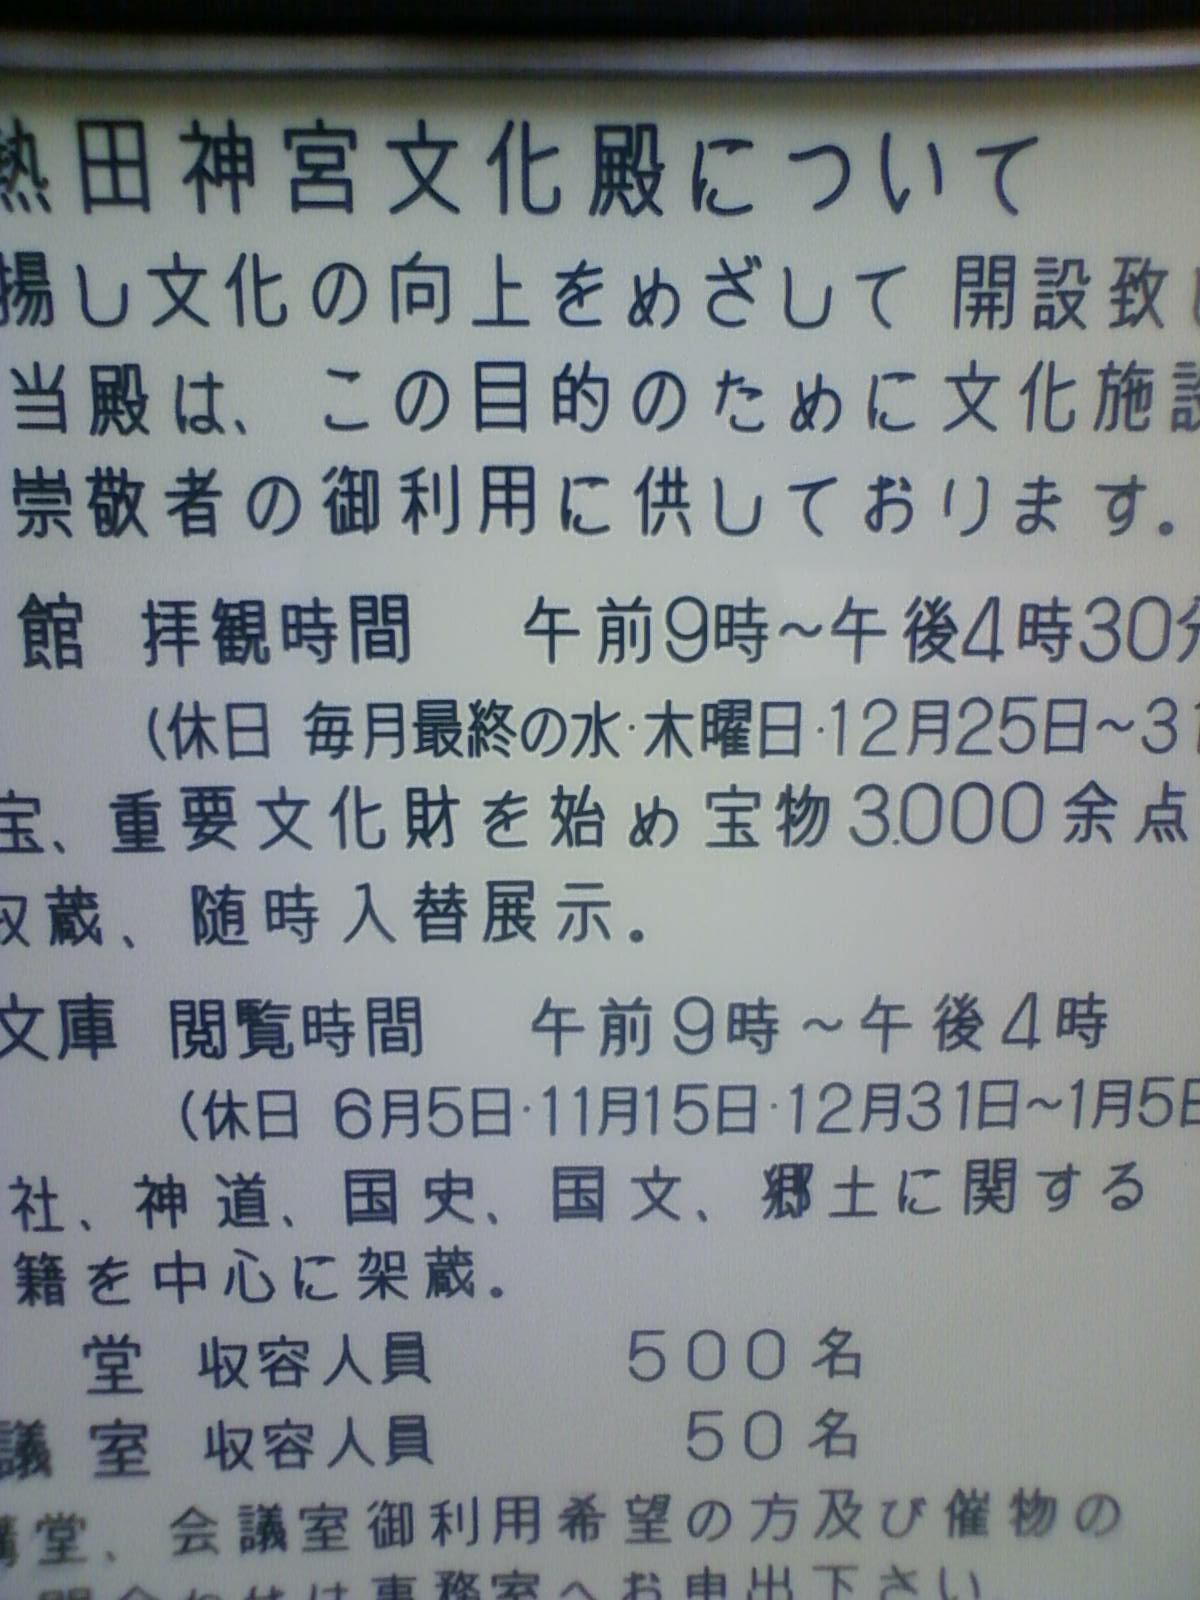 090401_093700_001.jpg